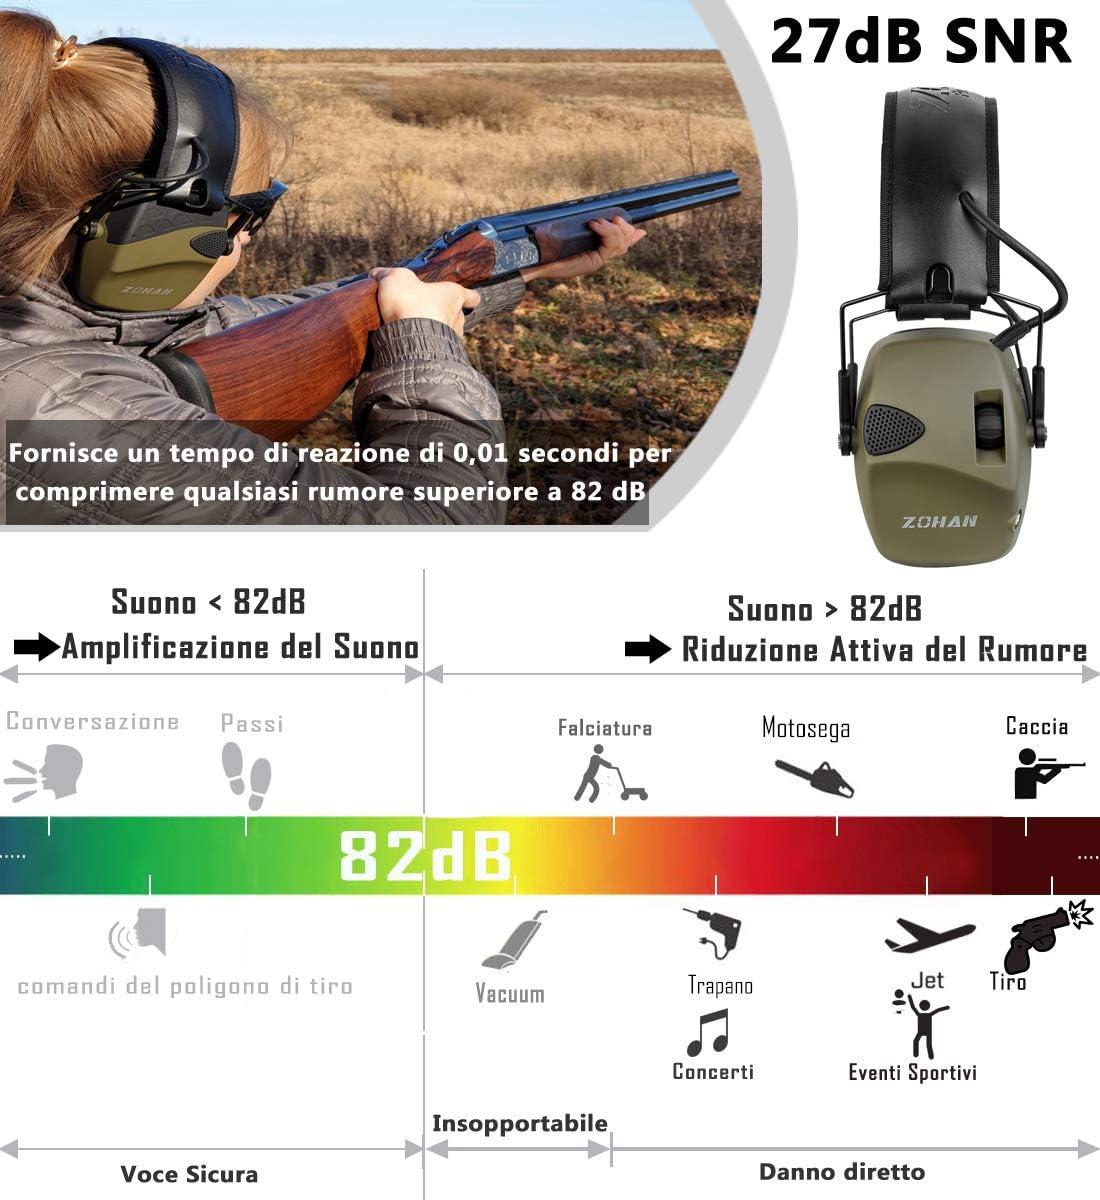 ZOHAN 054 Cuffie Poligono Elettroniche per Tiro Al Piattello, 27dB SNR Riduzione Del Rumore, Amplificazione Del Suono per La Caccia, Protezione